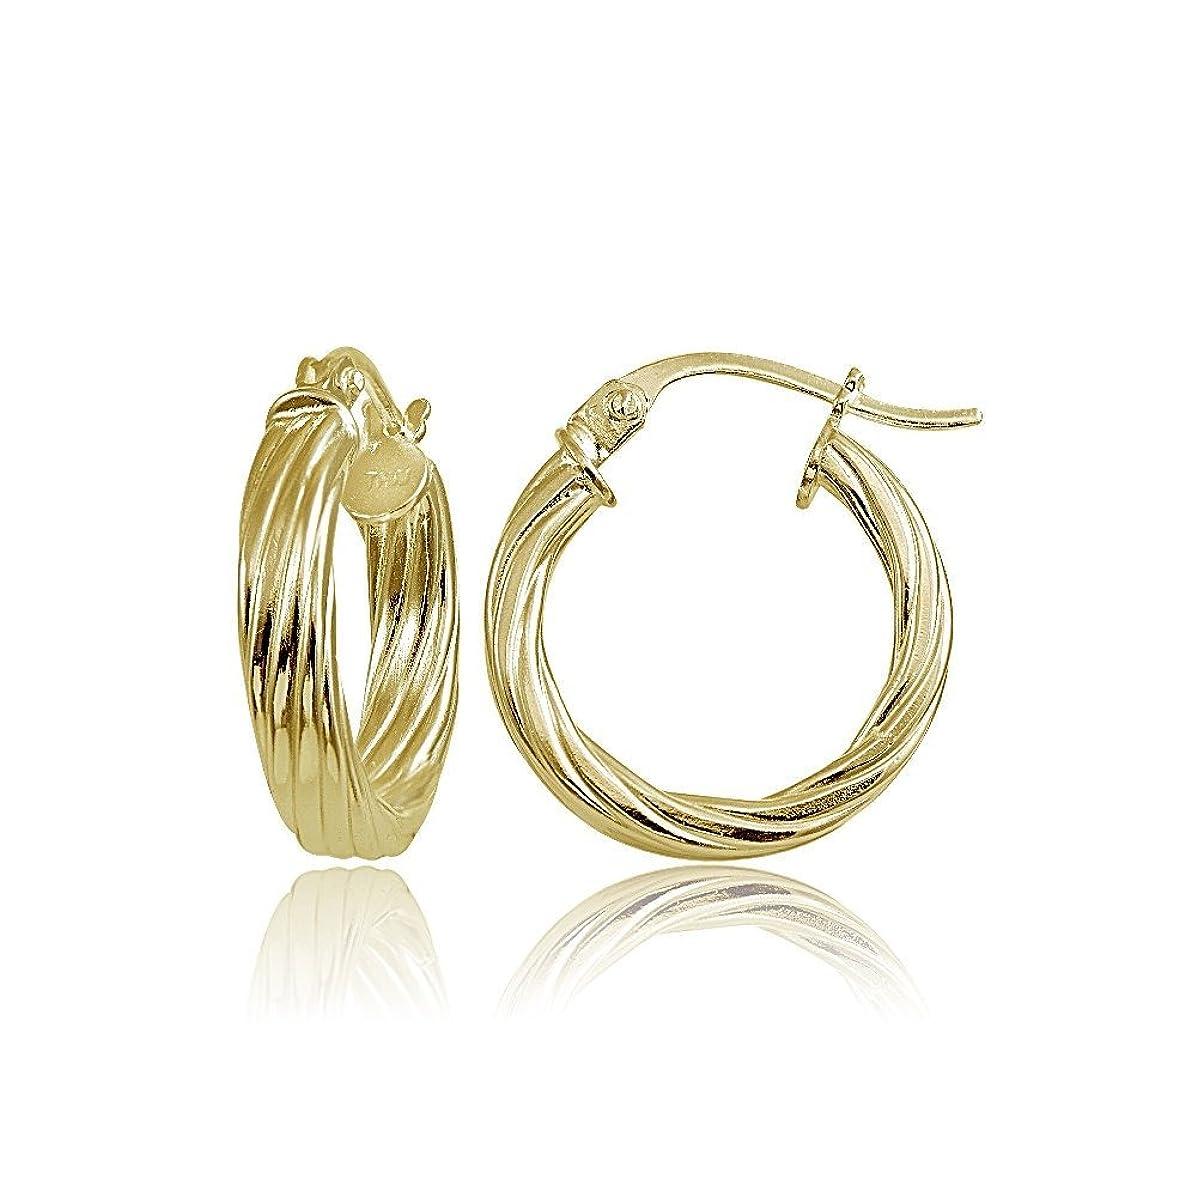 Hoops & Loops Sterling Silver 3mm Twist Design Polished Small Hoop Earrings